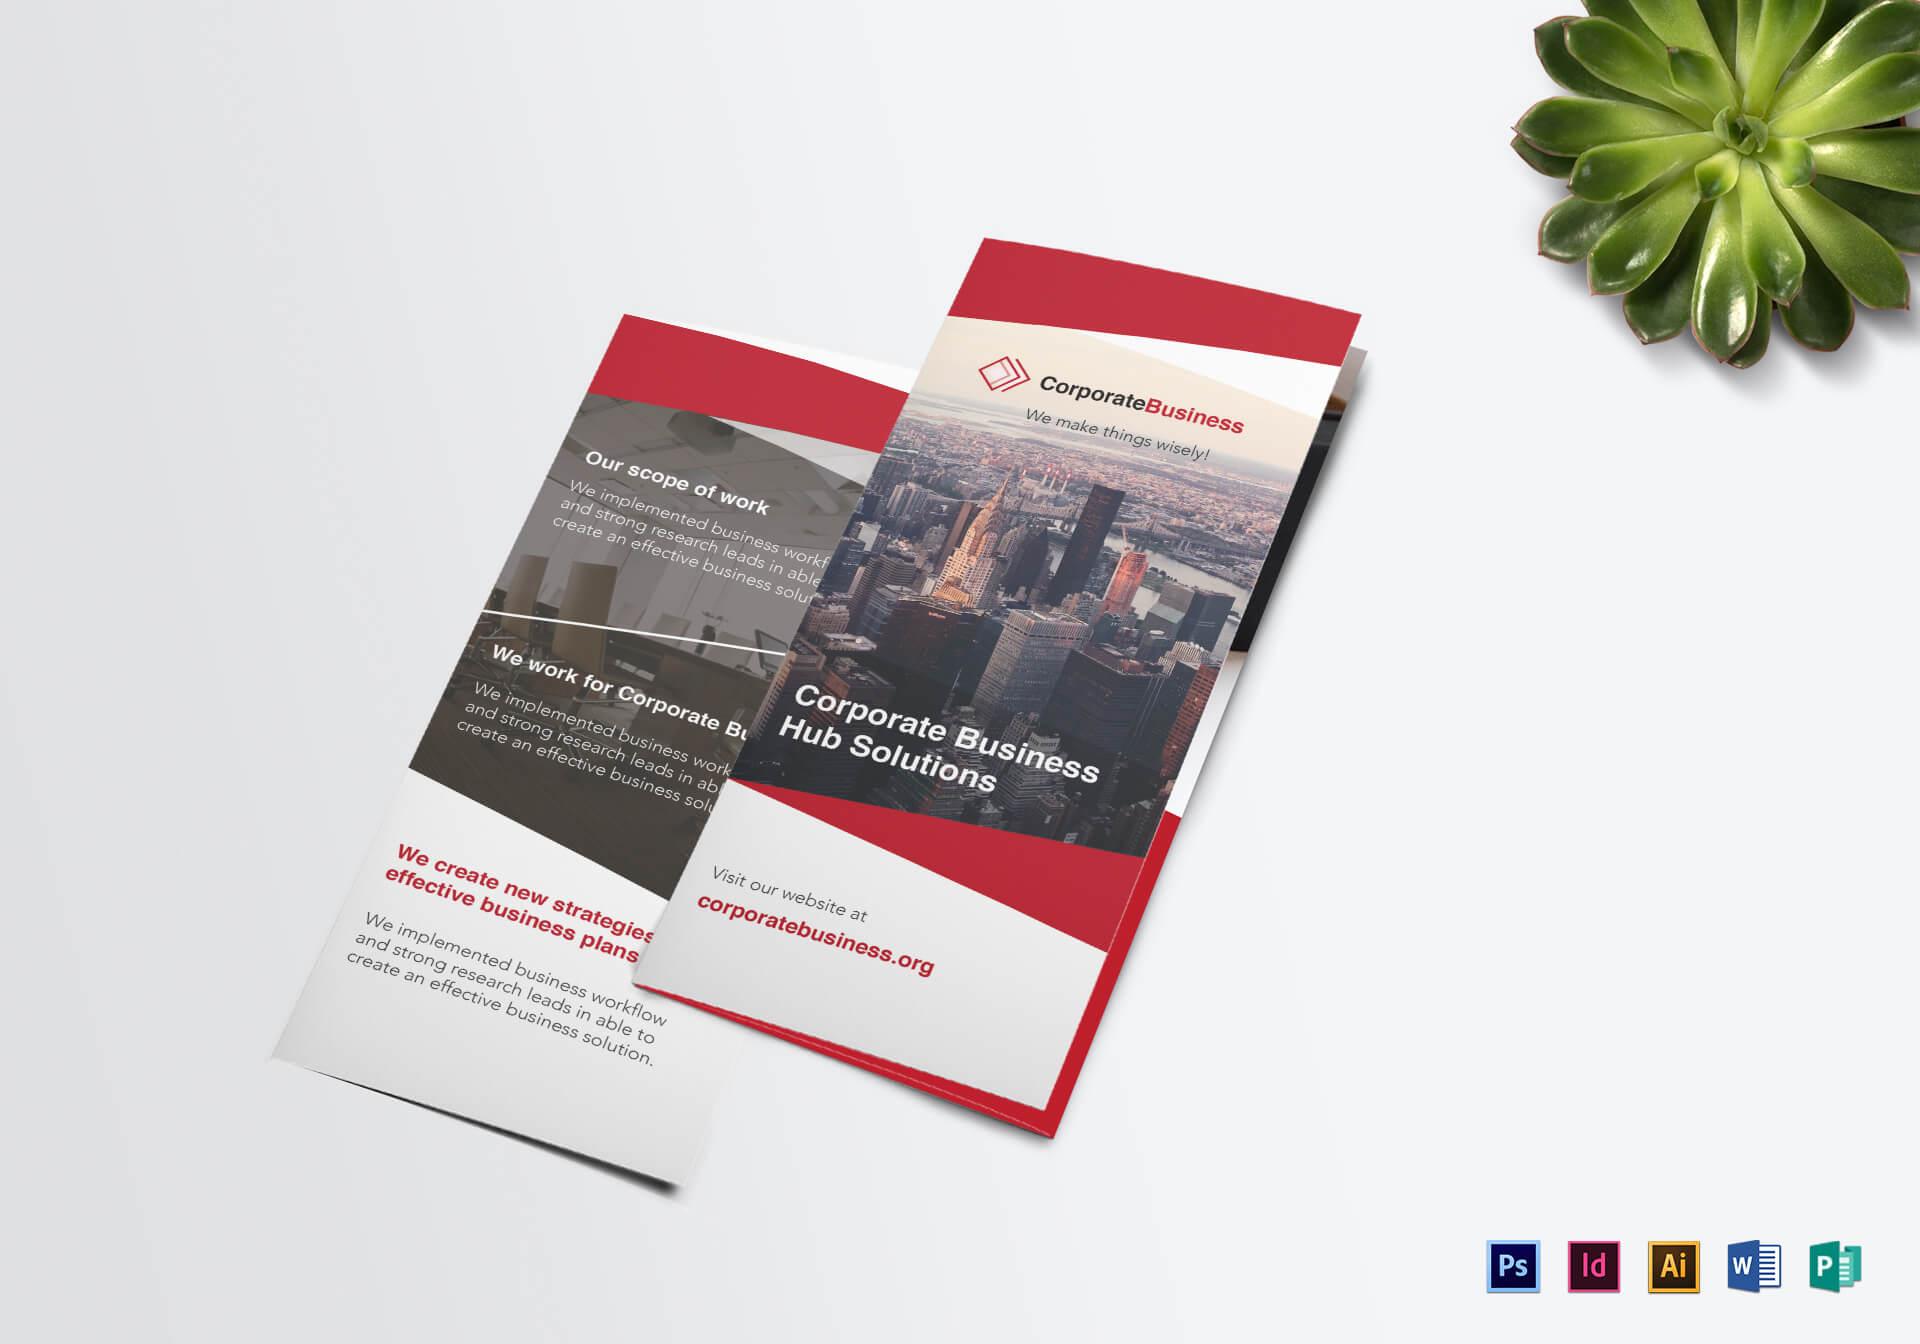 Tri Fold Corporate Business Brochure Template For Tri Fold Brochure Publisher Template